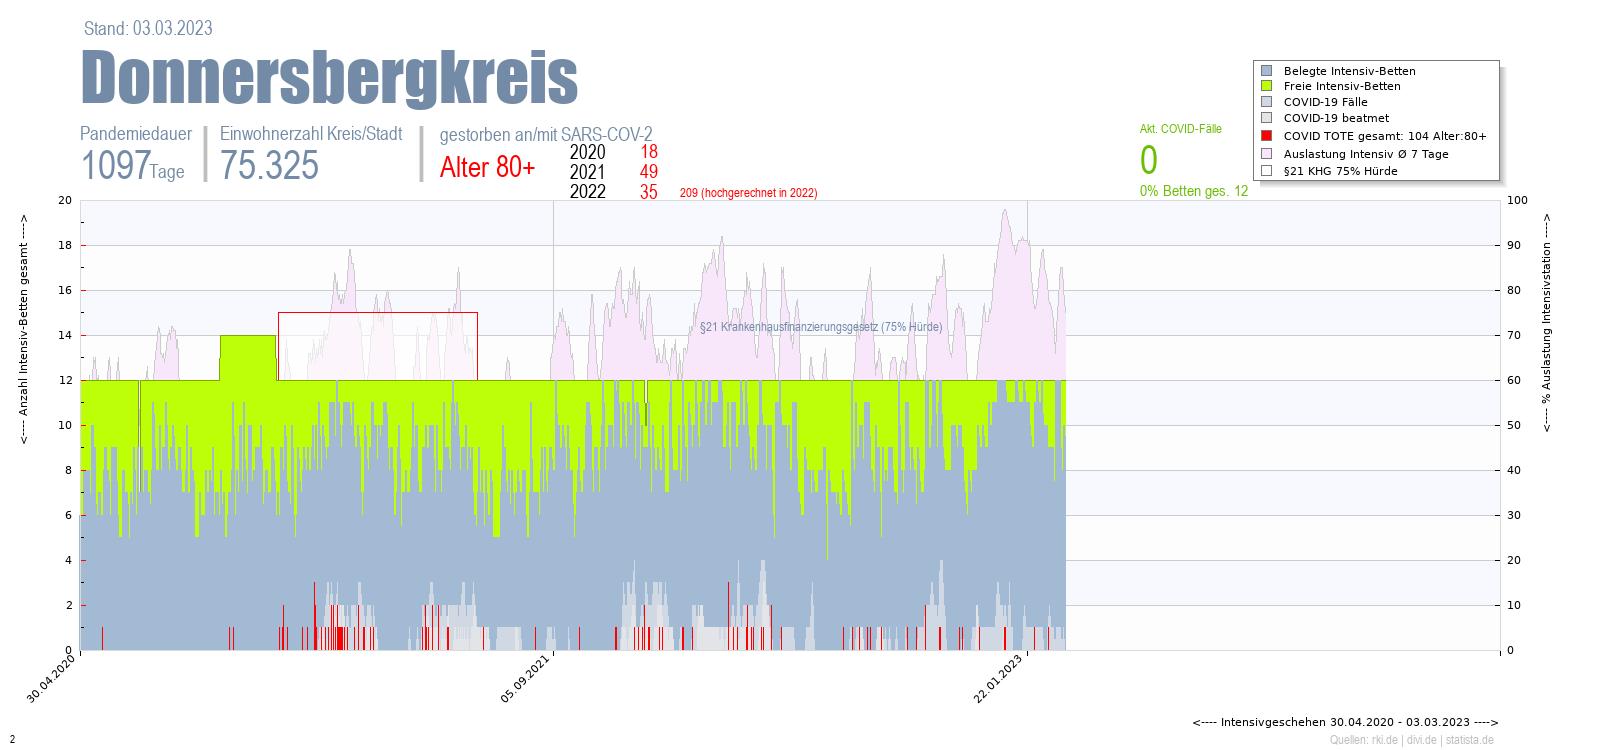 Intensivstation Auslastung Donnersbergkreis Alter 0-4